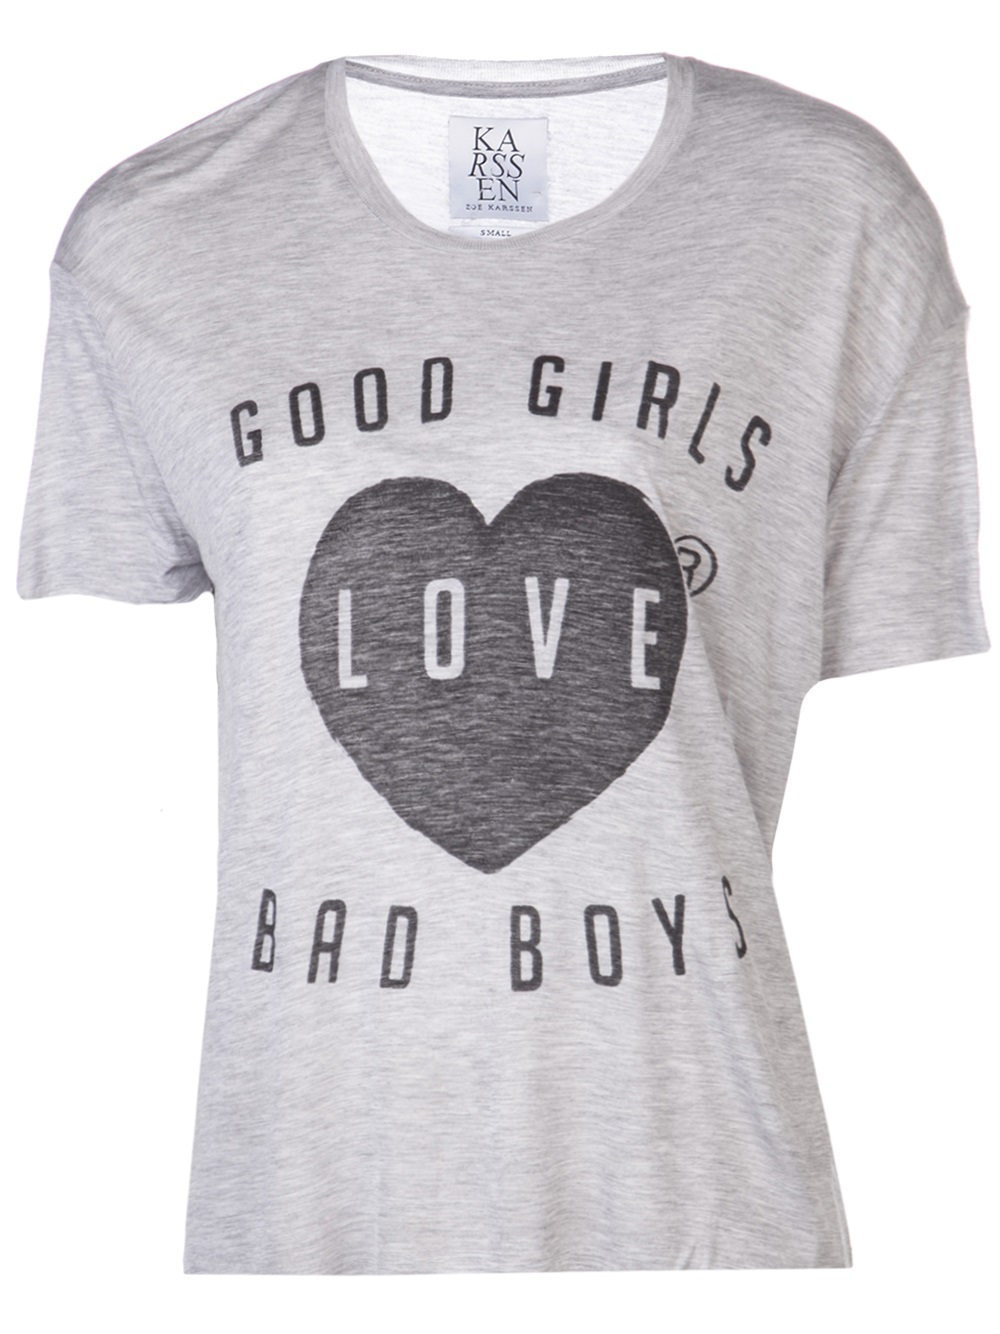 6a470ff0 Zoe Karssen Good Girls Love Bad Boys Tshirt in Gray - Lyst